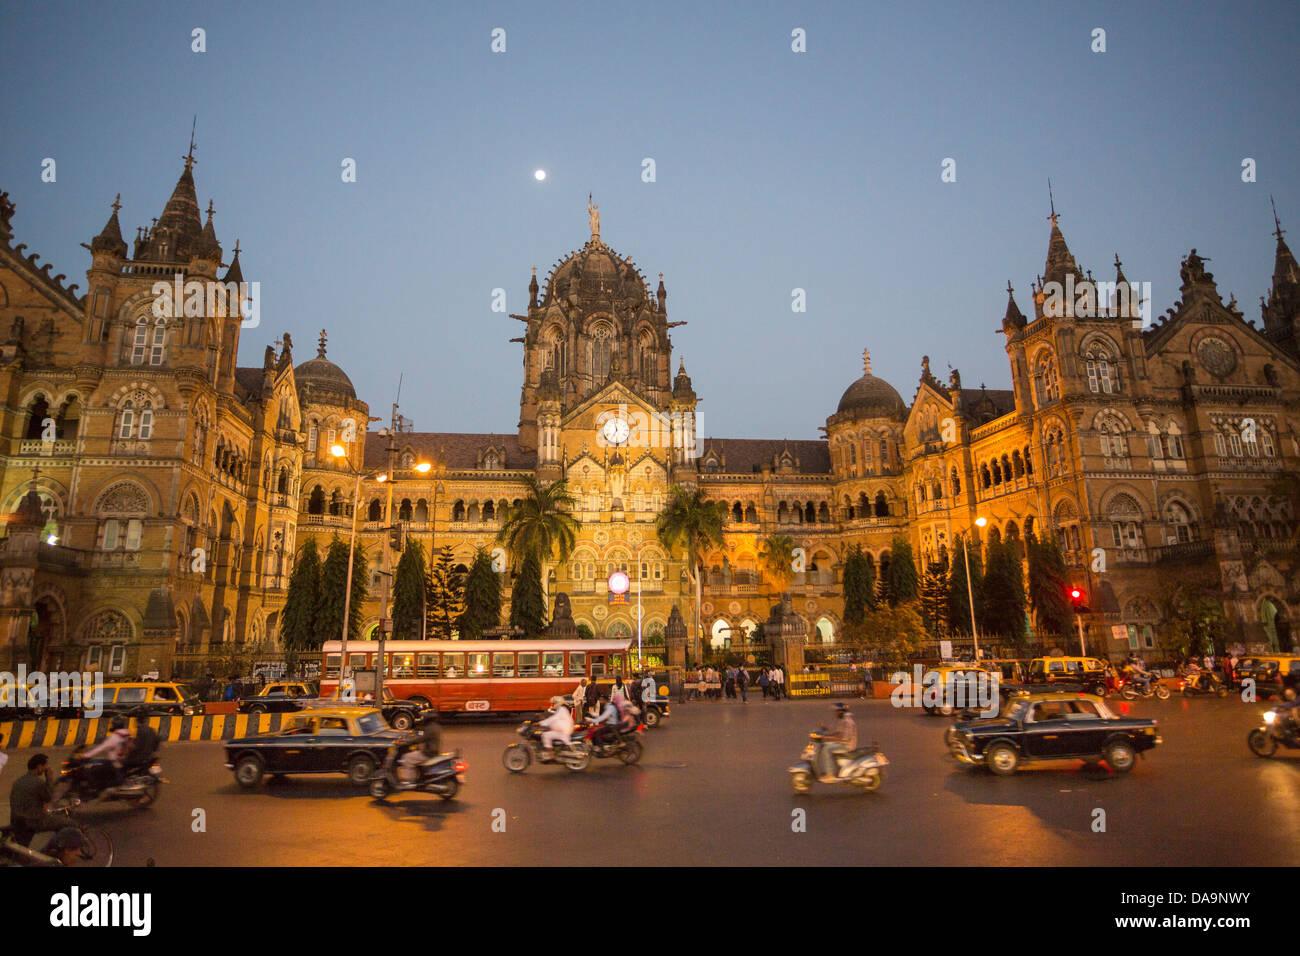 India India del Sud, Asia, Maharashtra, Mumbai Bombay, Città, Dadabhai Naoroji, Road, la stazione Victoria, Immagini Stock